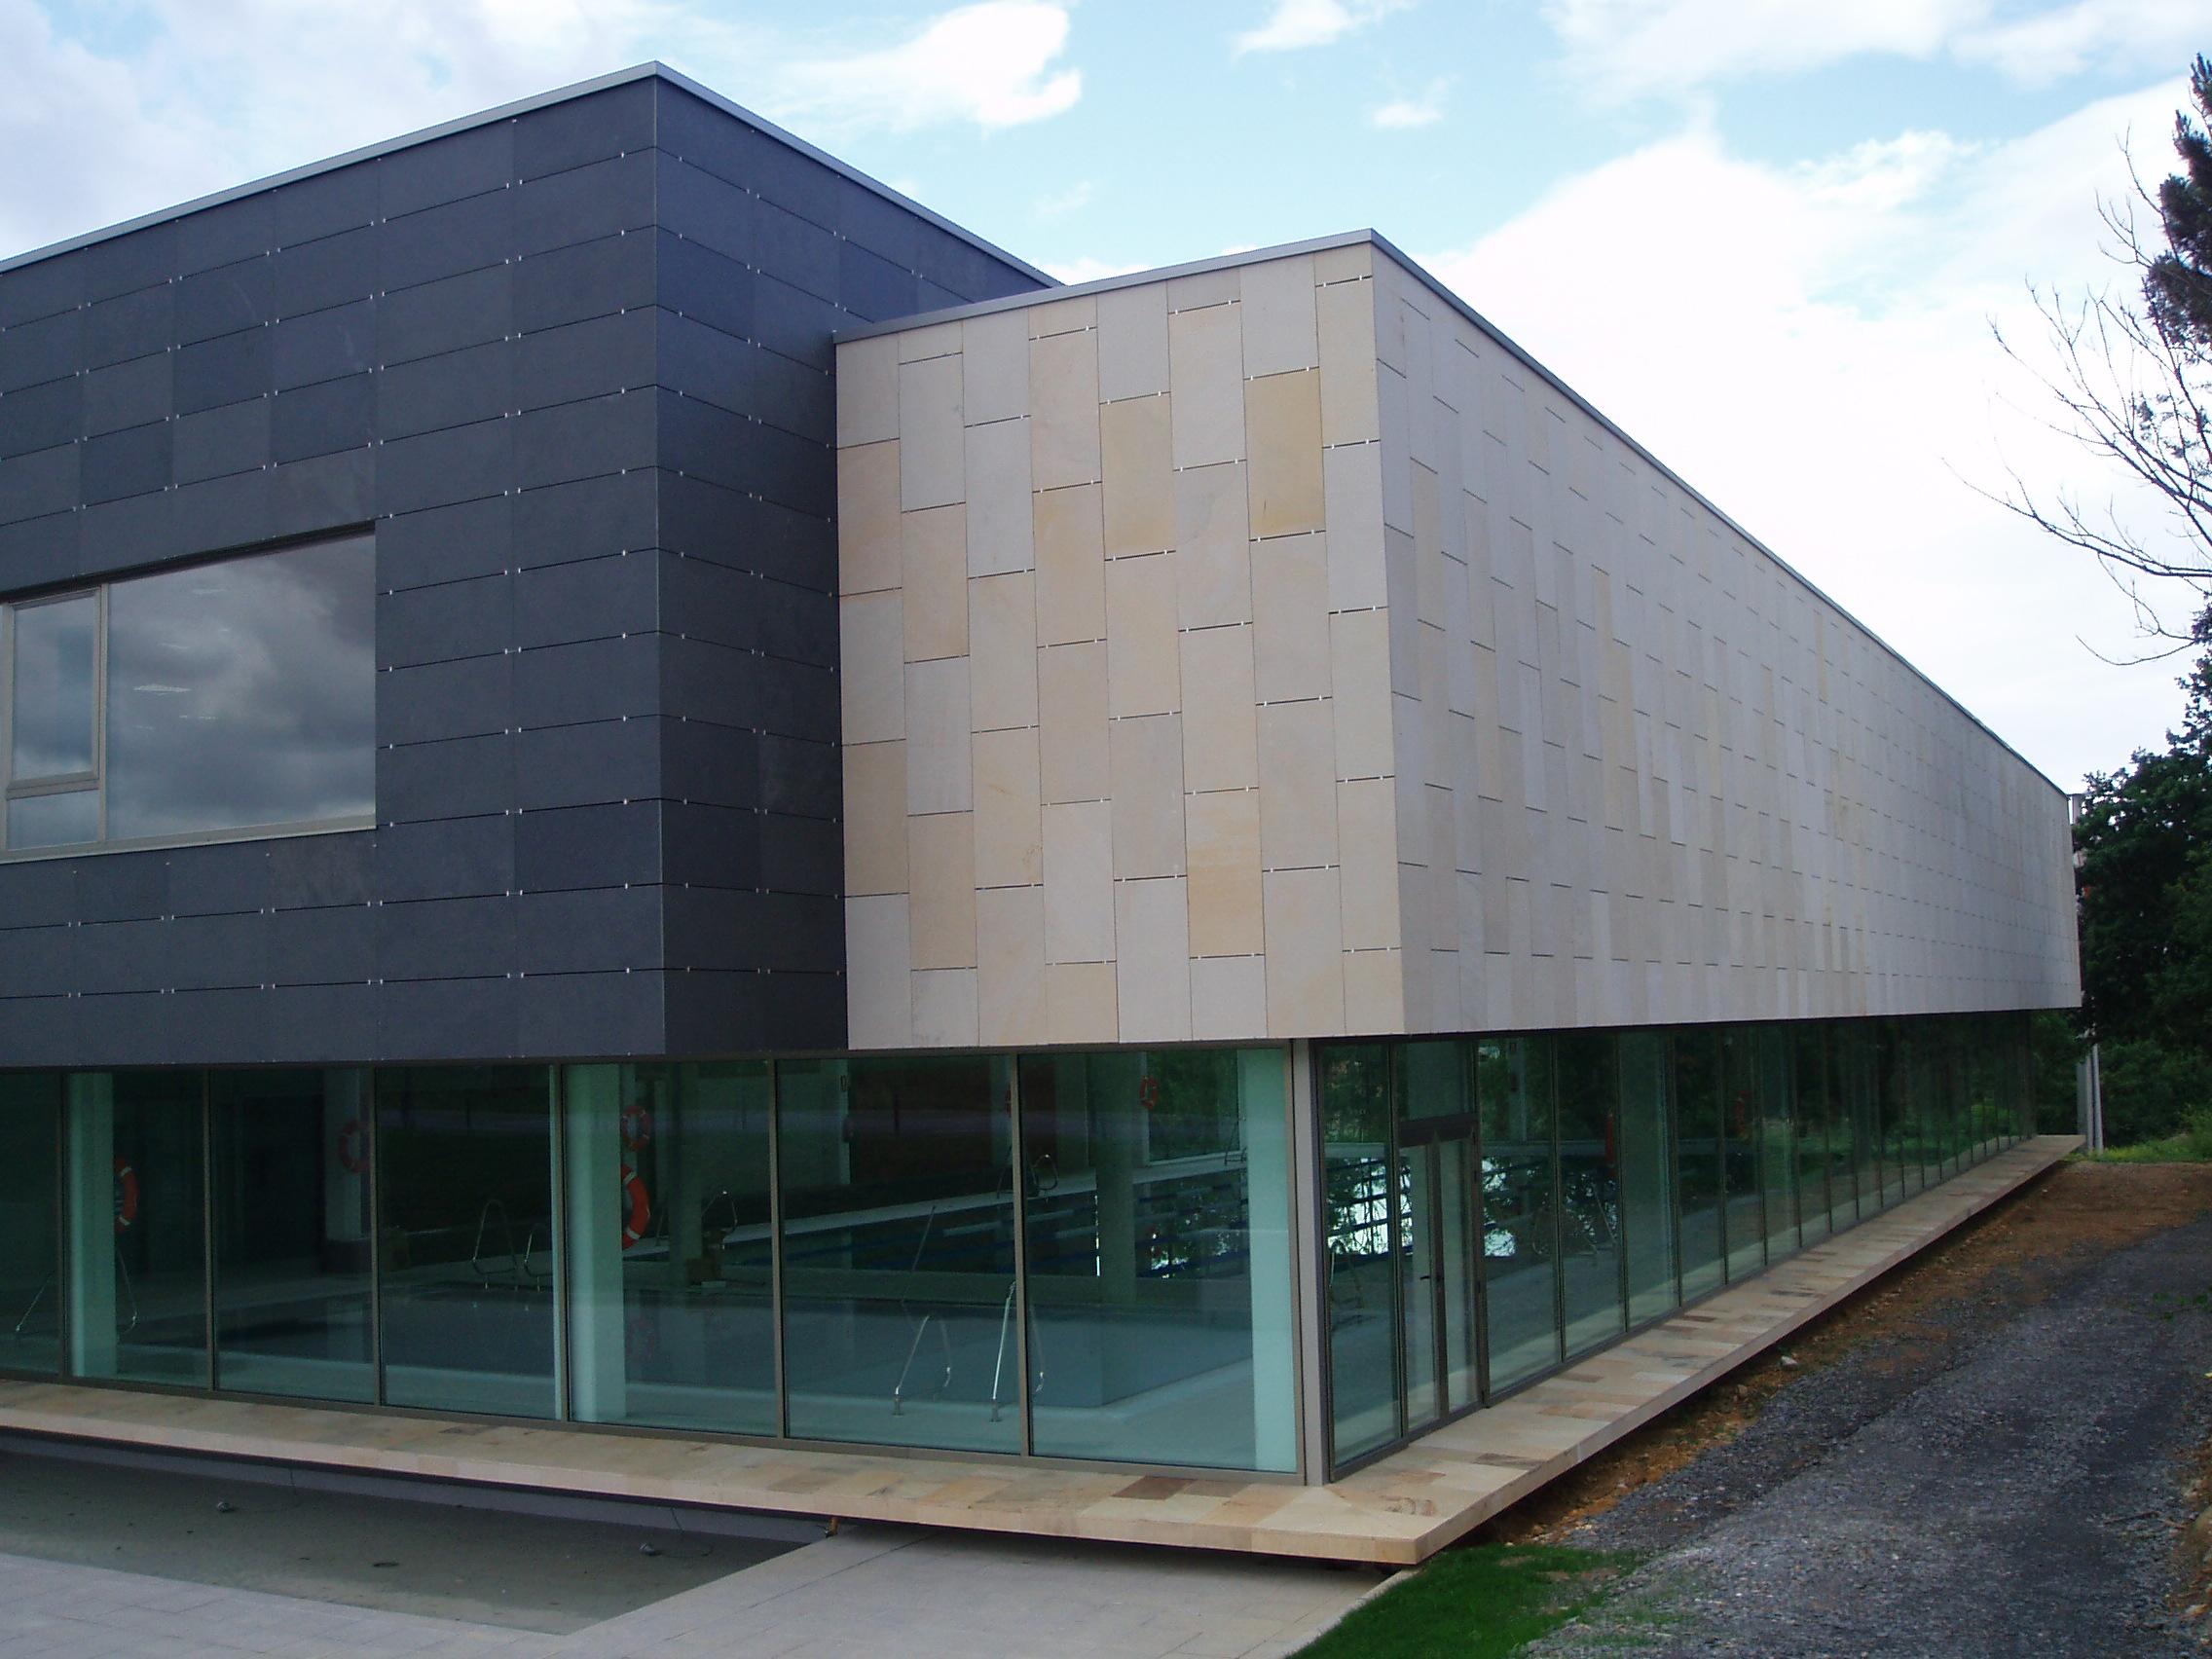 Foto de fachada ventilada de la piscina del ayuntamiento de Oleiros